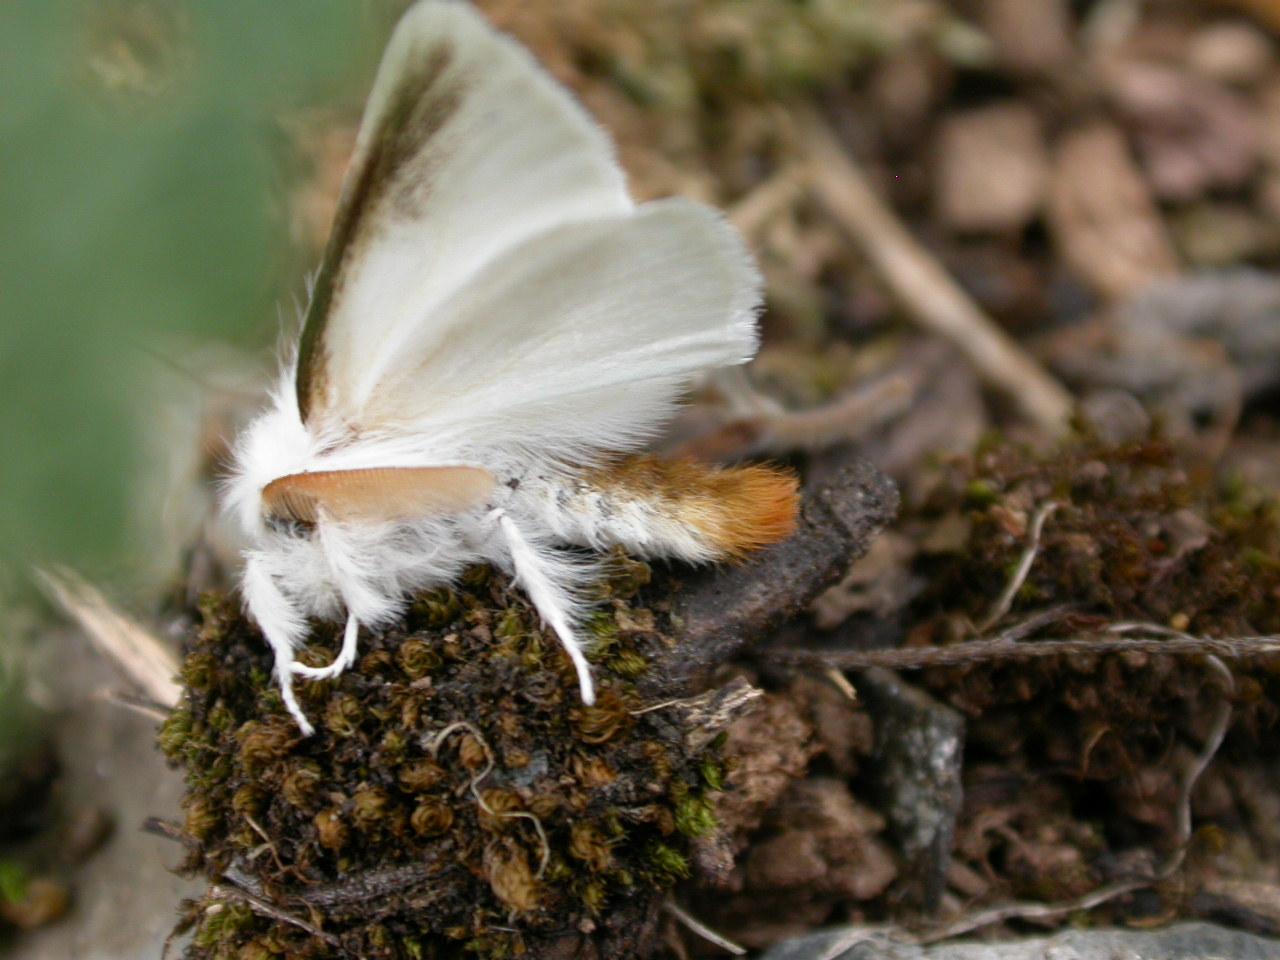 ضرورت مقابله جدی با پروانه دم قهوهای در اهر